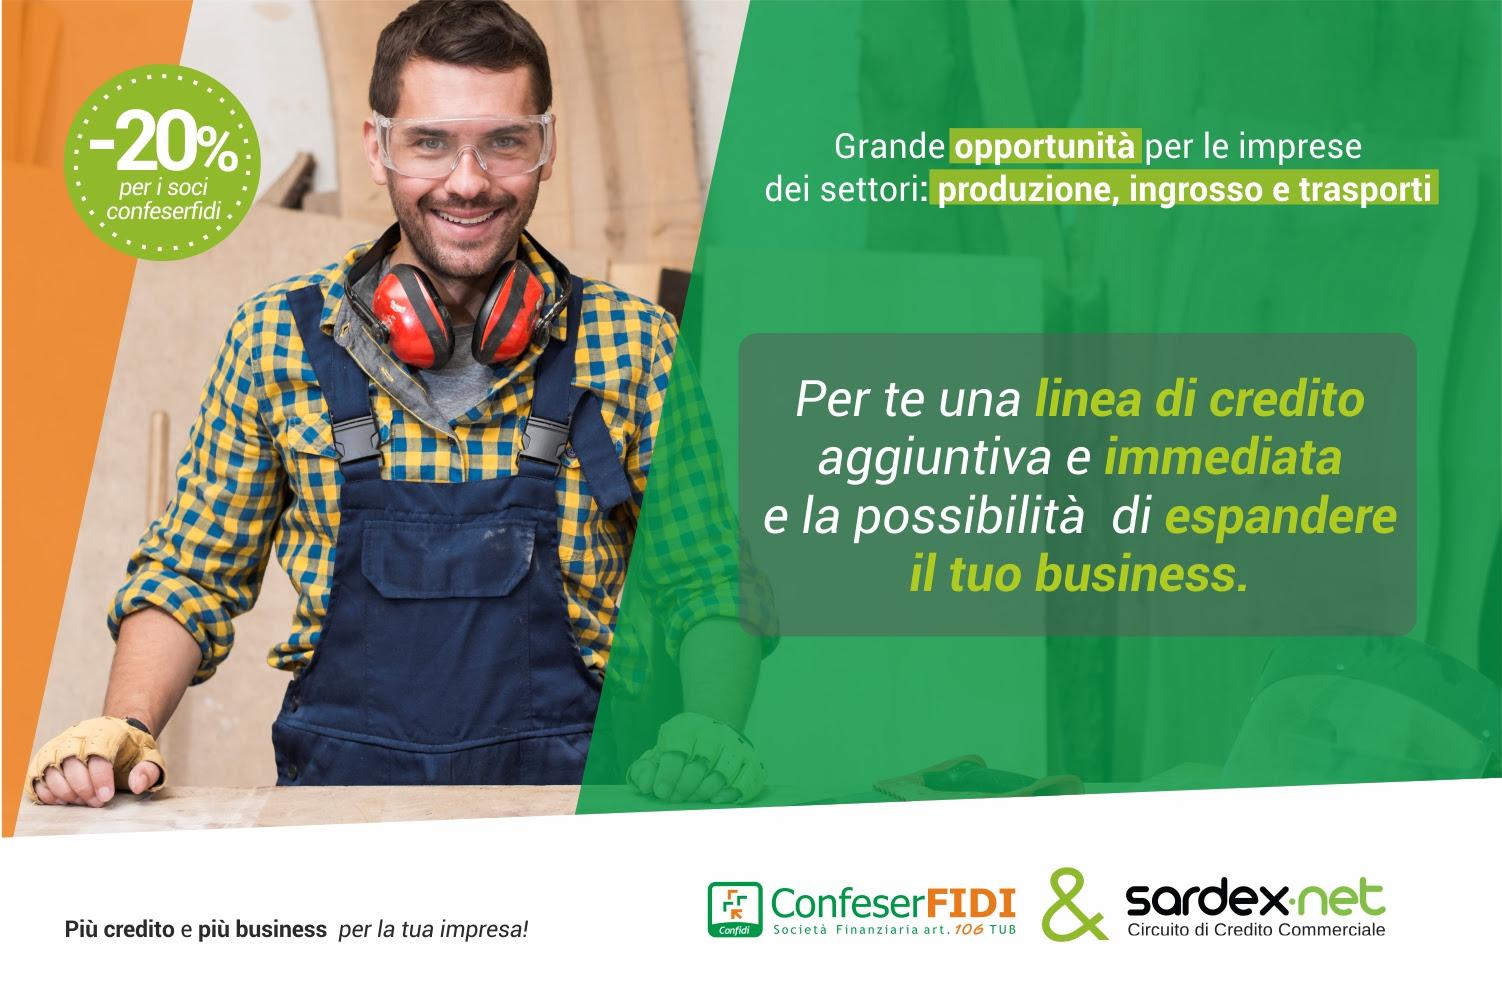 Confeserfidi e Sardex, insieme per le imprese:  più credito, più servizi e più business.